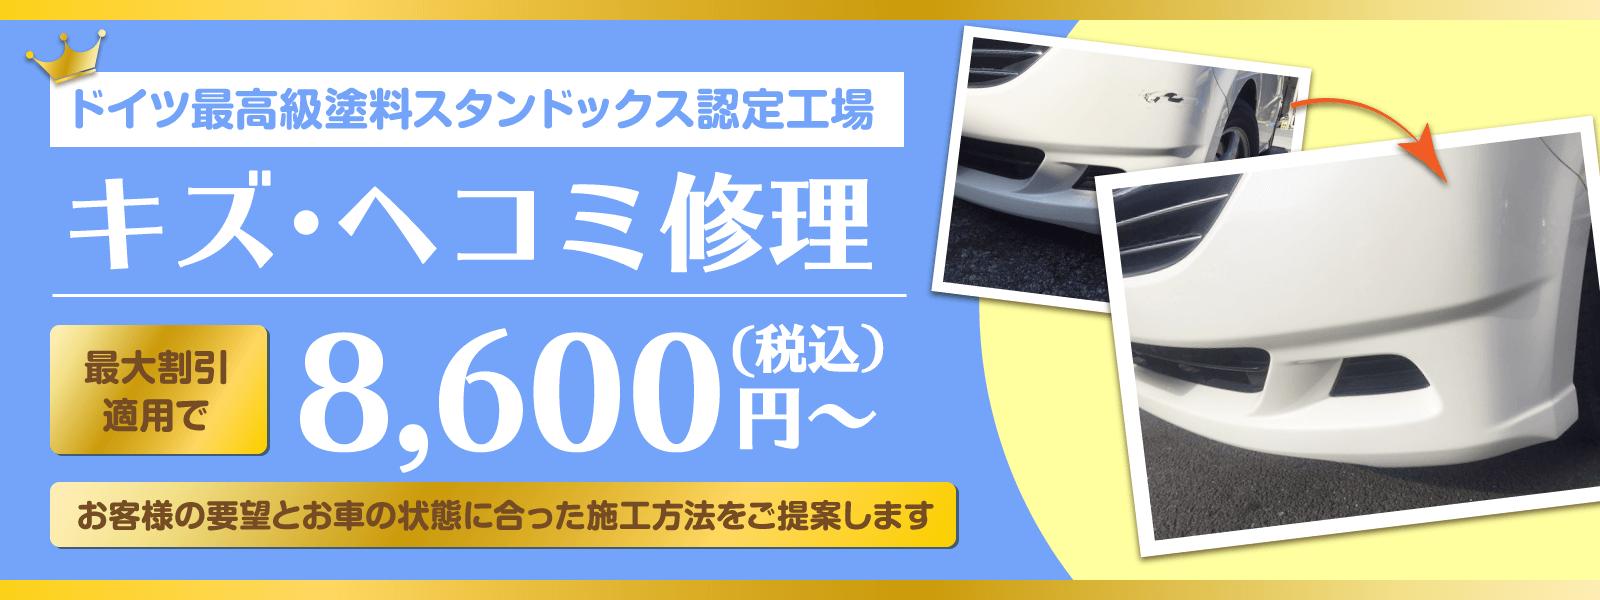 ドイツ最高級塗料スタンドックス認定工場 キズ・ヘコミ修理 最大割引適用で税込み8600円から。お客様の要望とお車の状態にあった施工方法をご提案します。